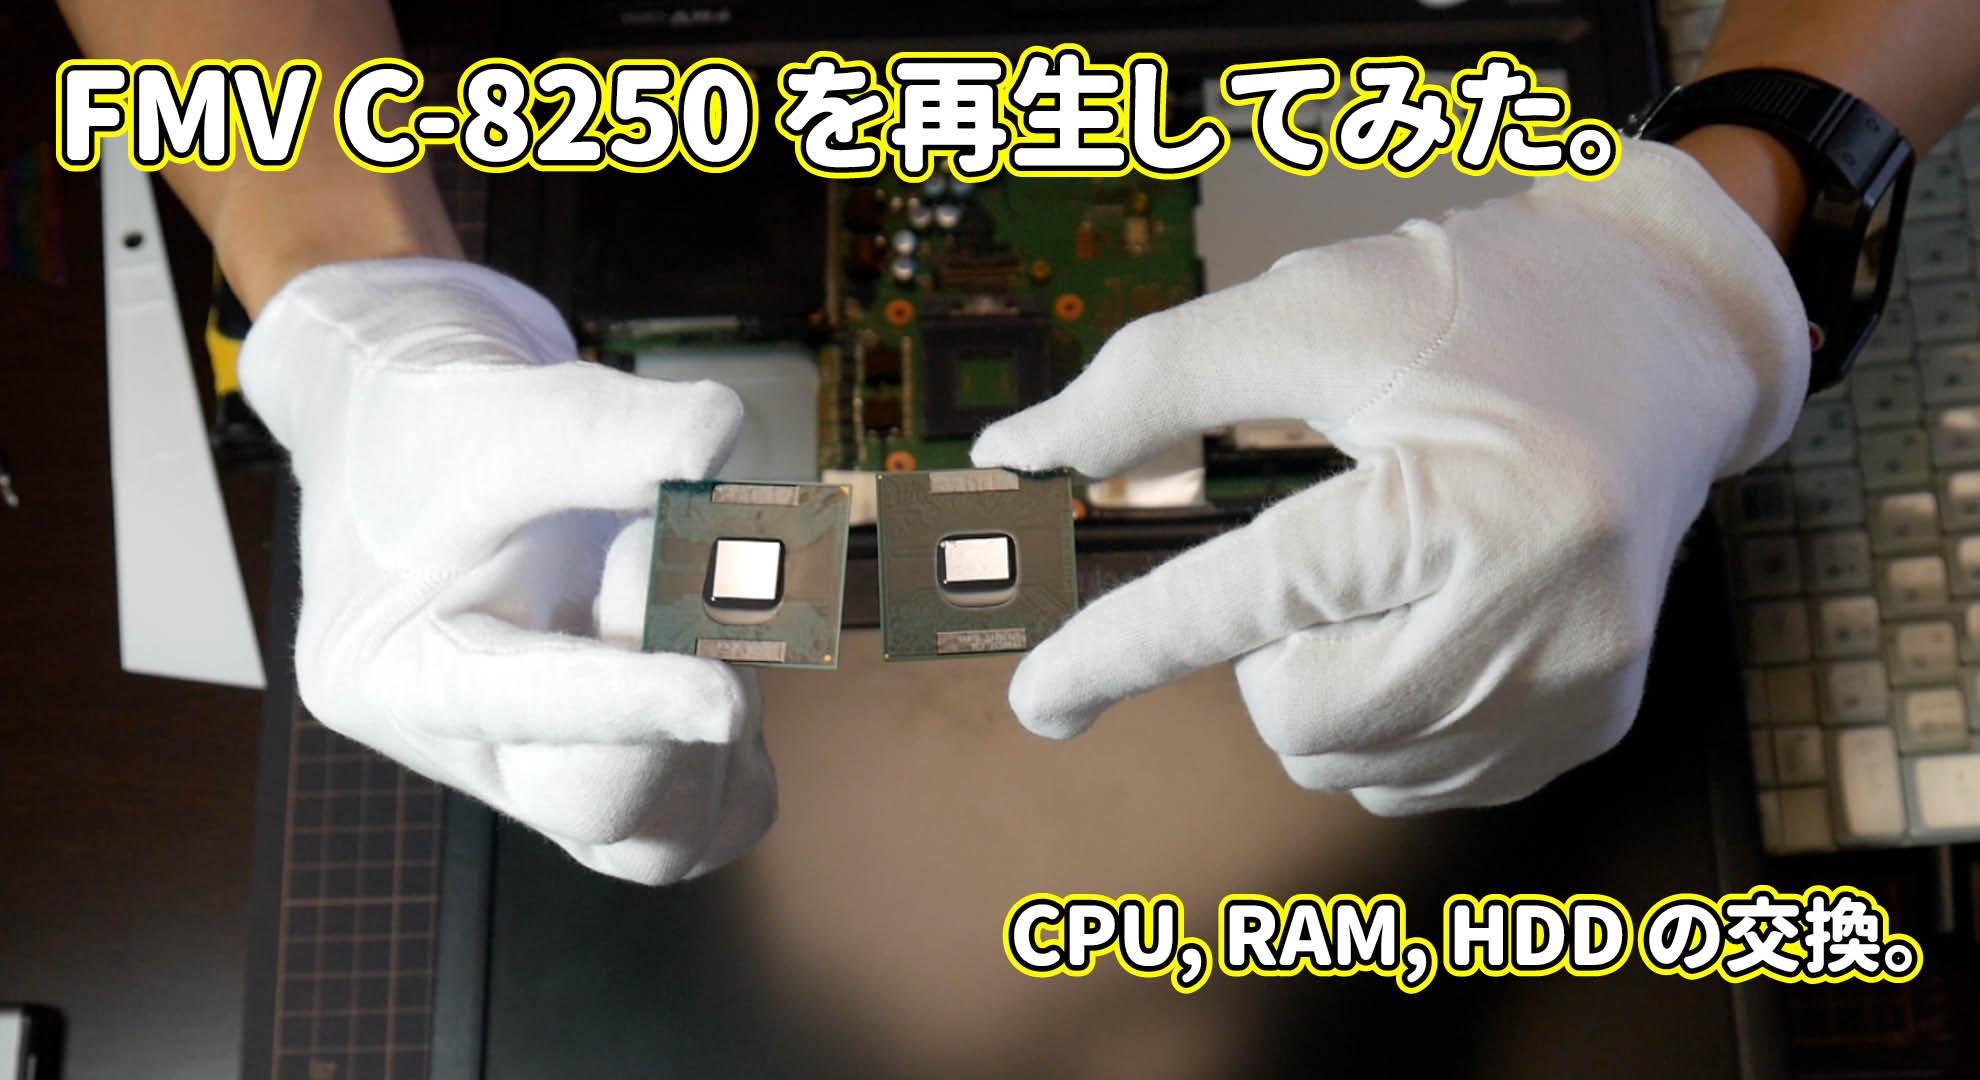 FMV C-8250 の CPU 交換をしてみた。